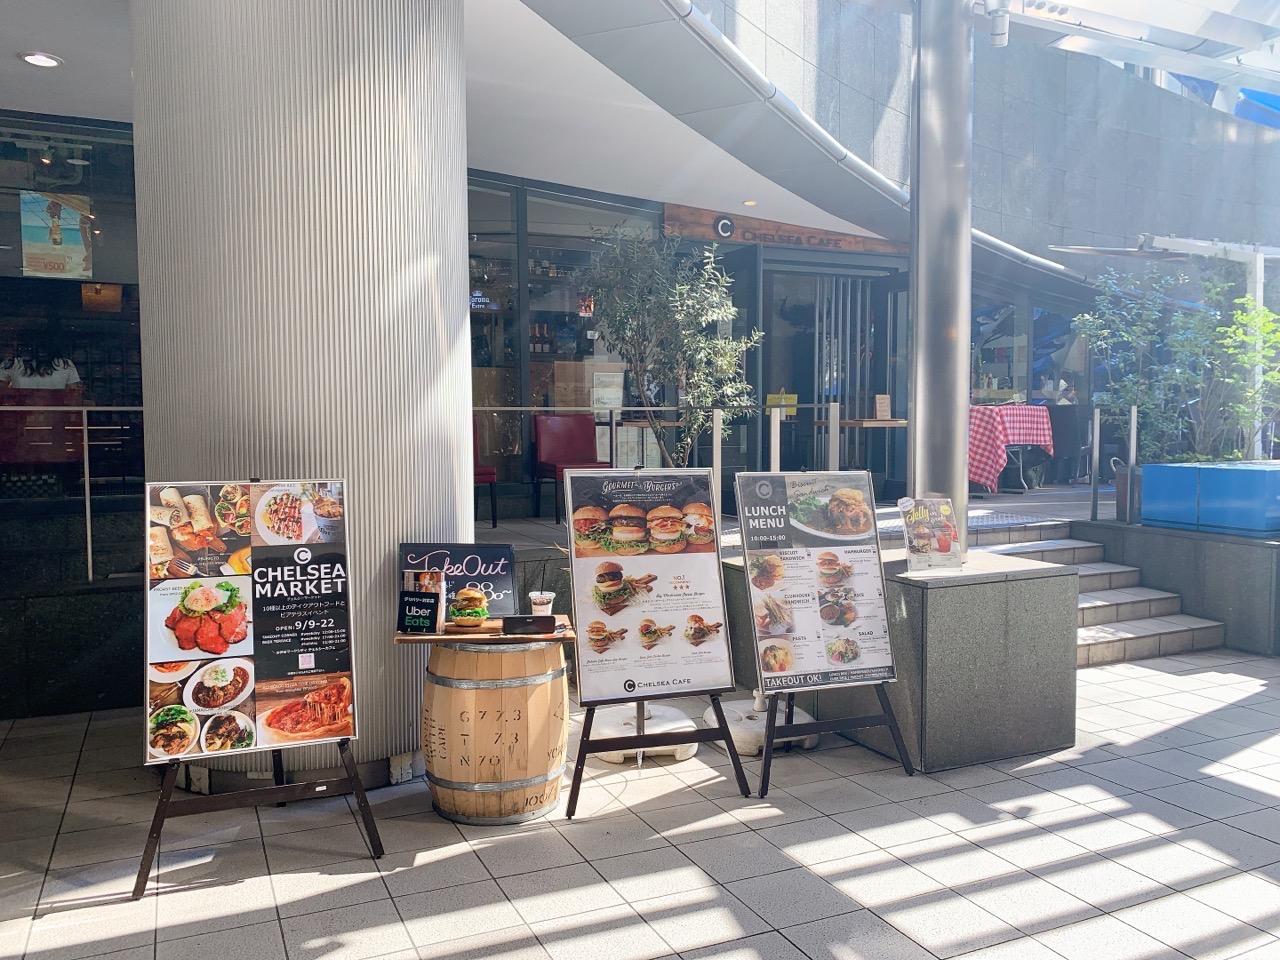 Chelsea Cafe 渋谷マークシティ店の雰囲気やメニュー